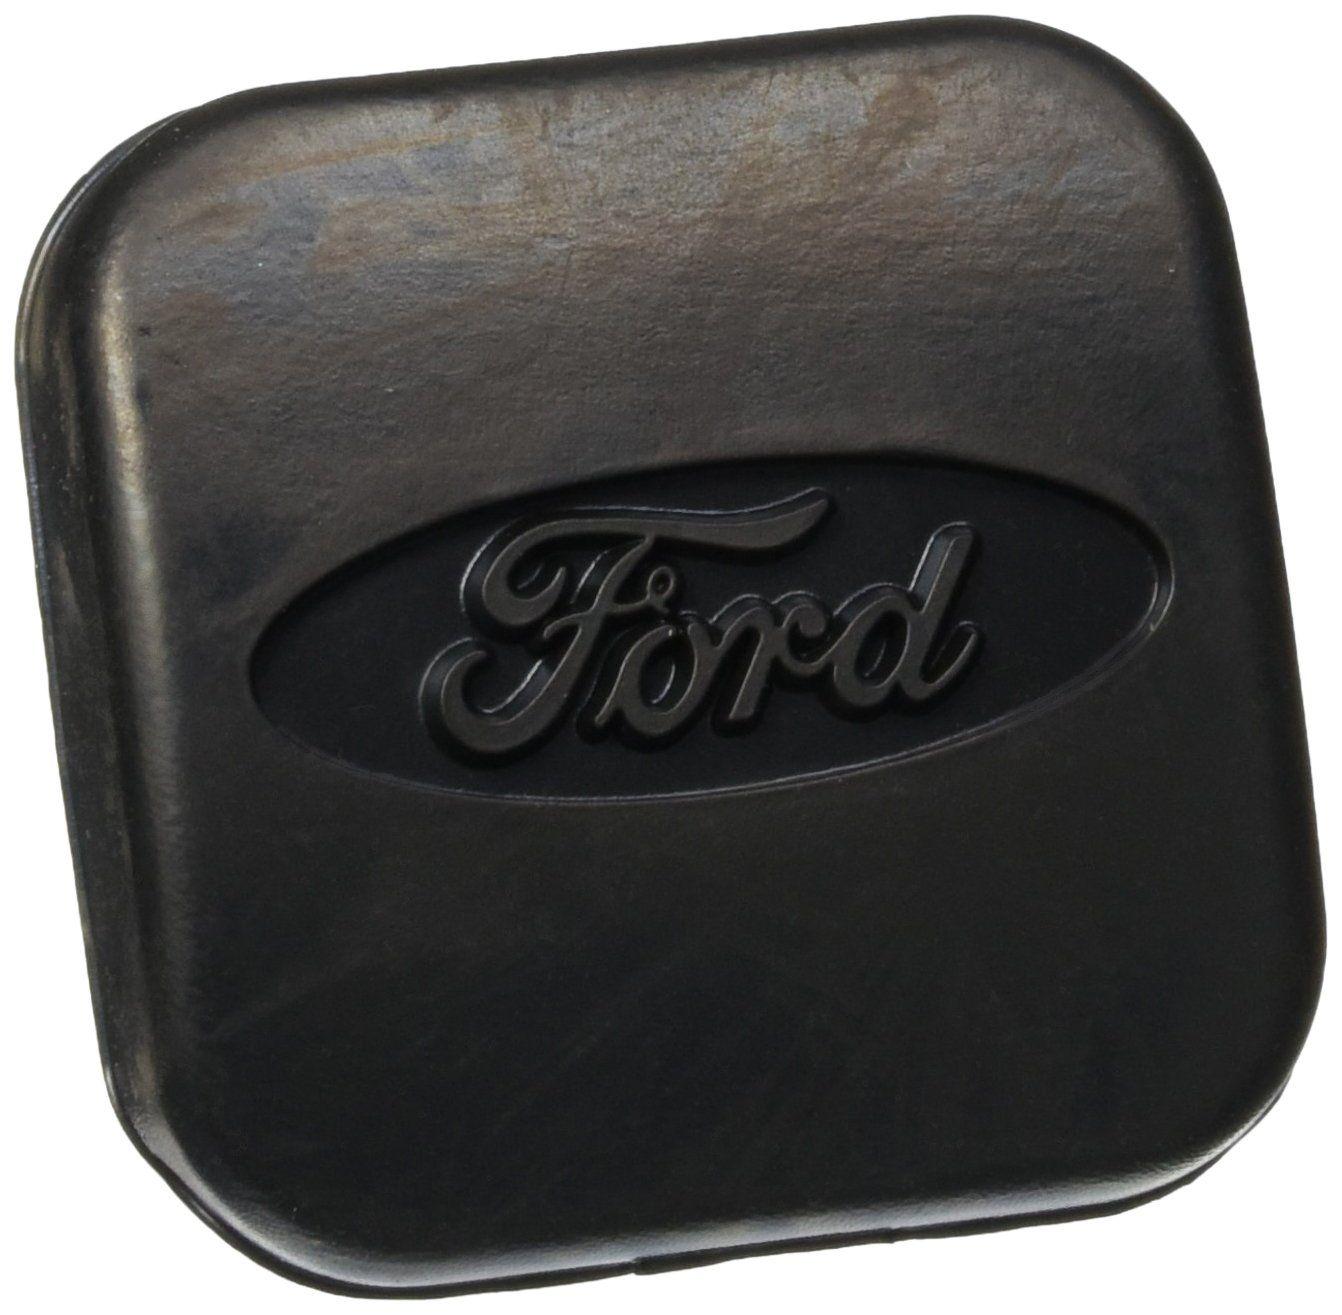 Ford Genuine 1l2z 17f000 Ca Trailer Hitch Receiver Cover Cap Ad L2z Ad Ford Genuine Ca Trailer Hitch Receiver Hitch Accessories Hitch Receivers